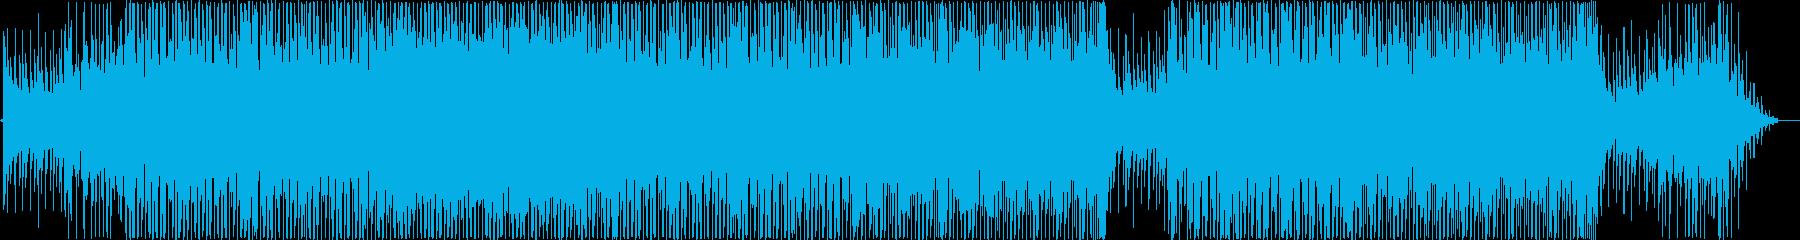 海岸線をドライブするようなピアノハウスの再生済みの波形